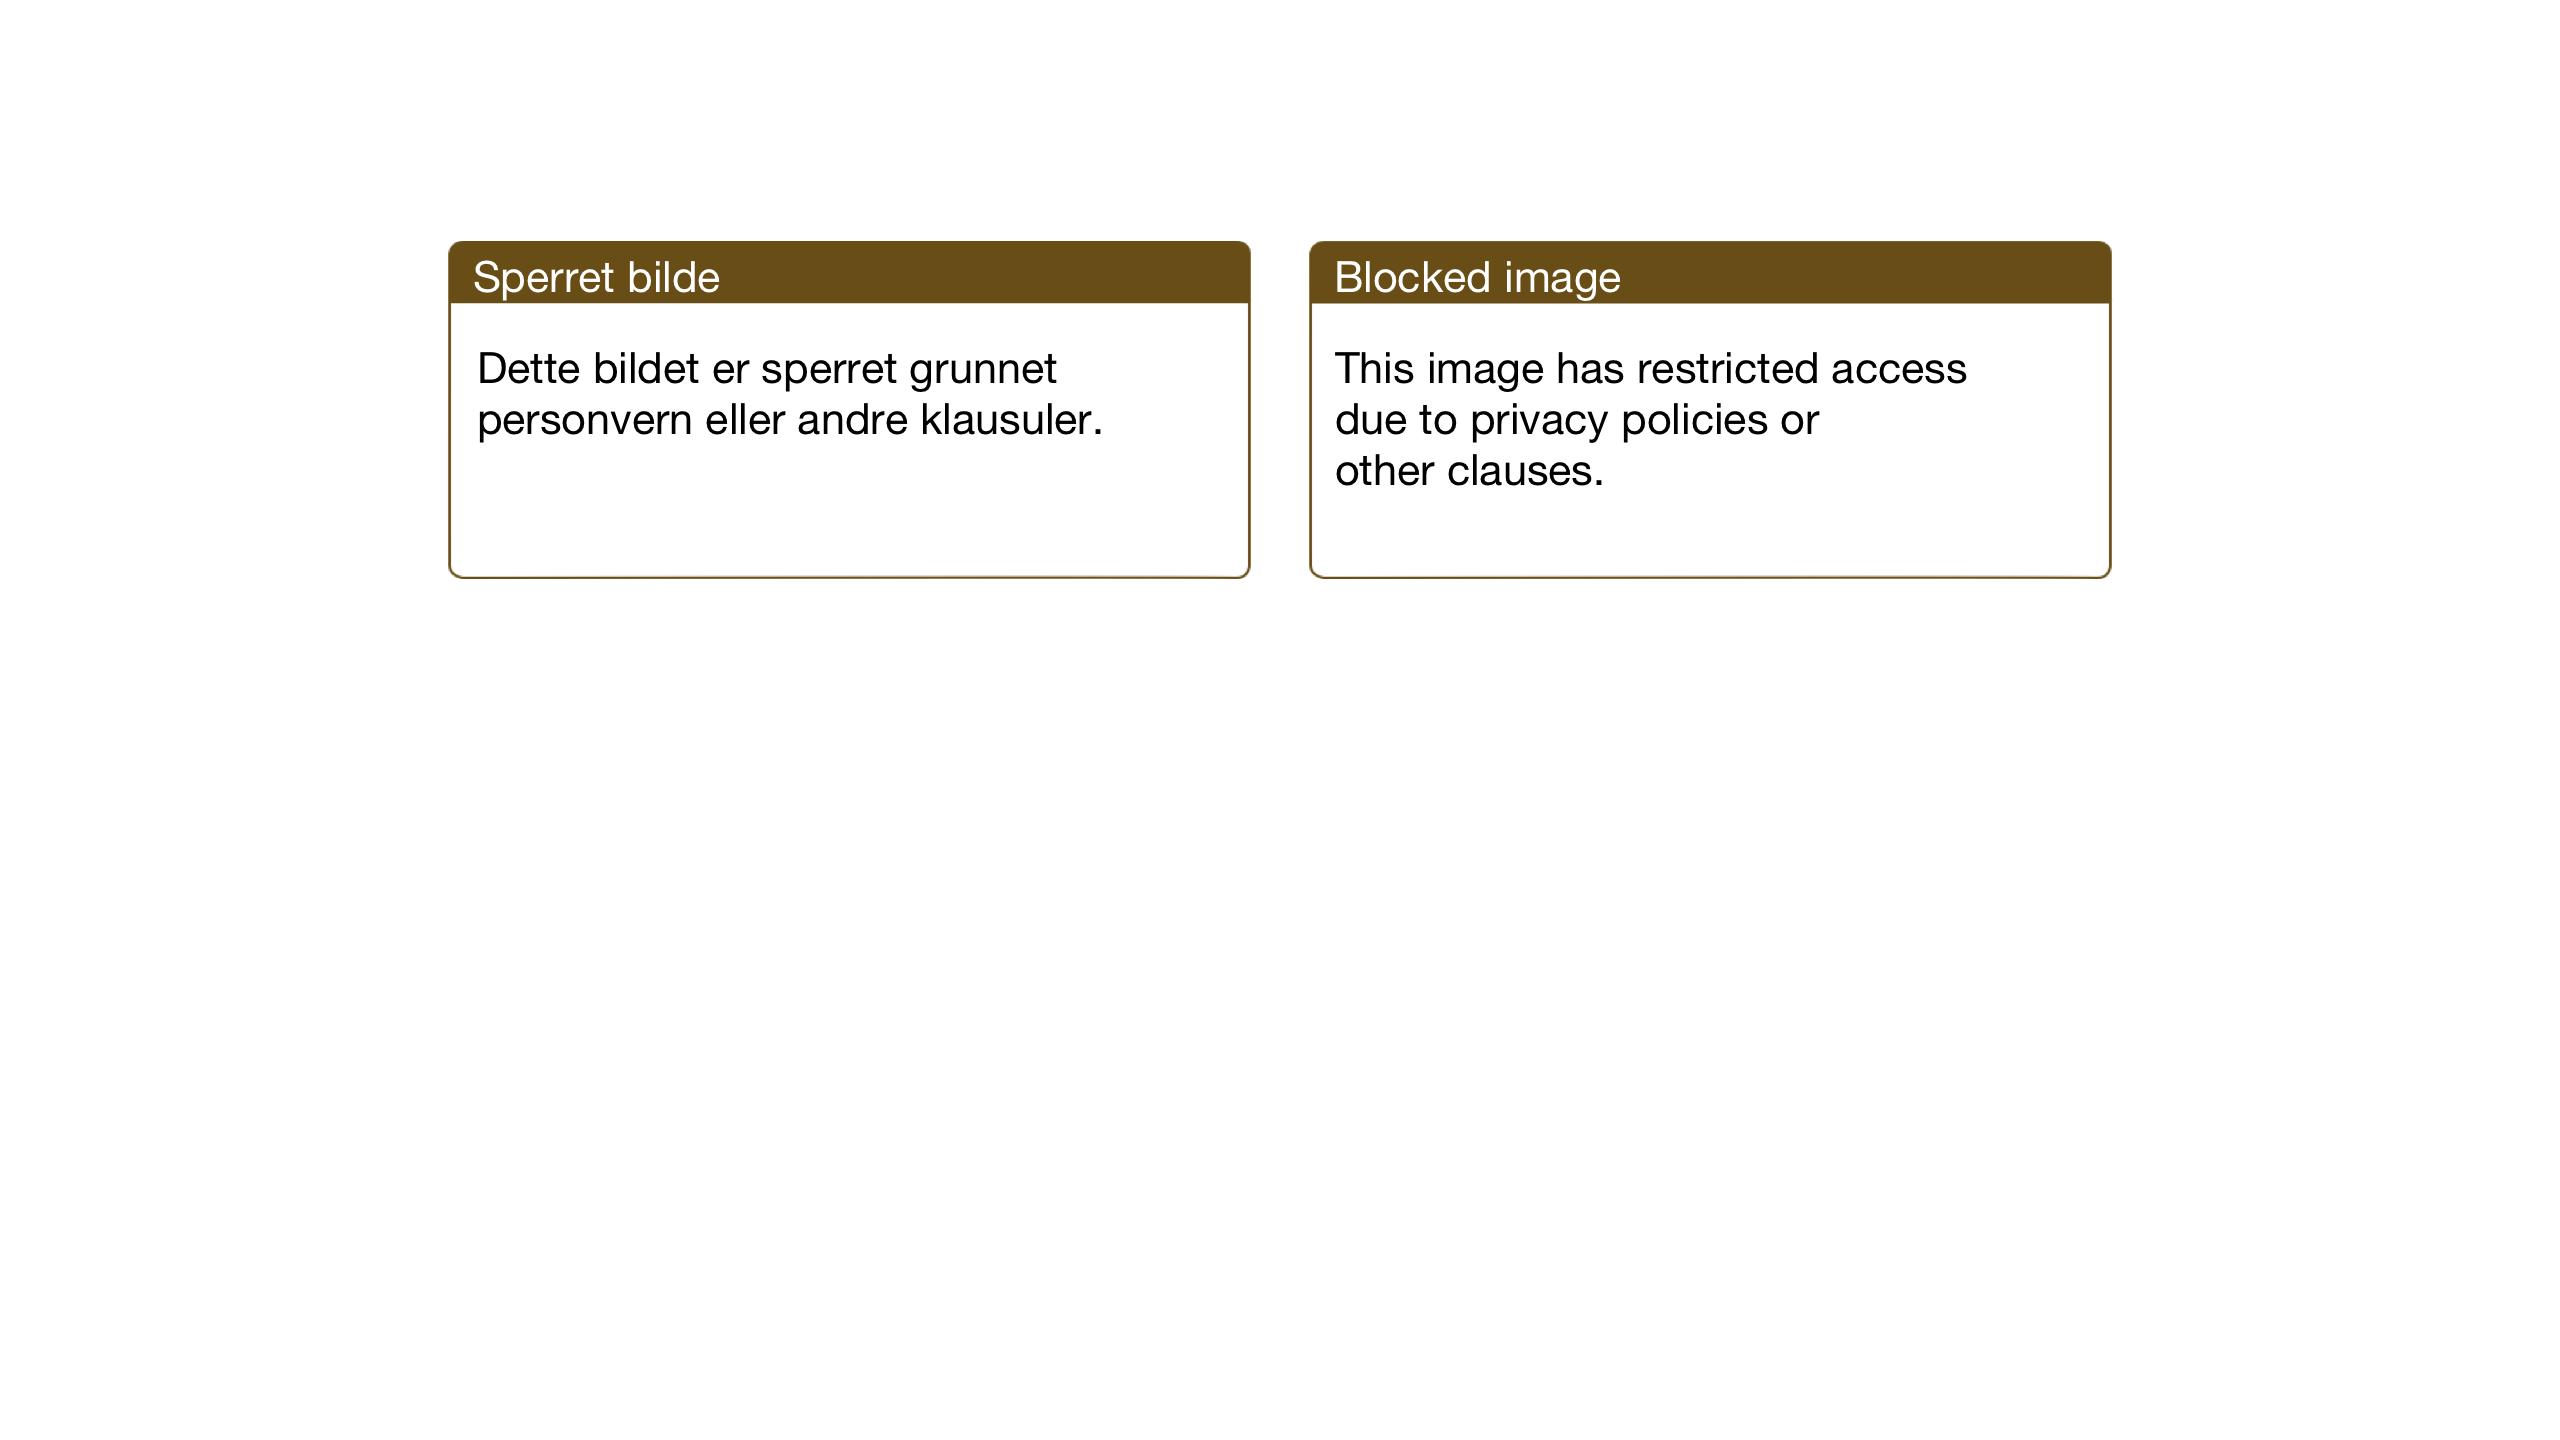 RA, Justisdepartementet, Sivilavdelingen (RA/S-6490), 1997, s. 1